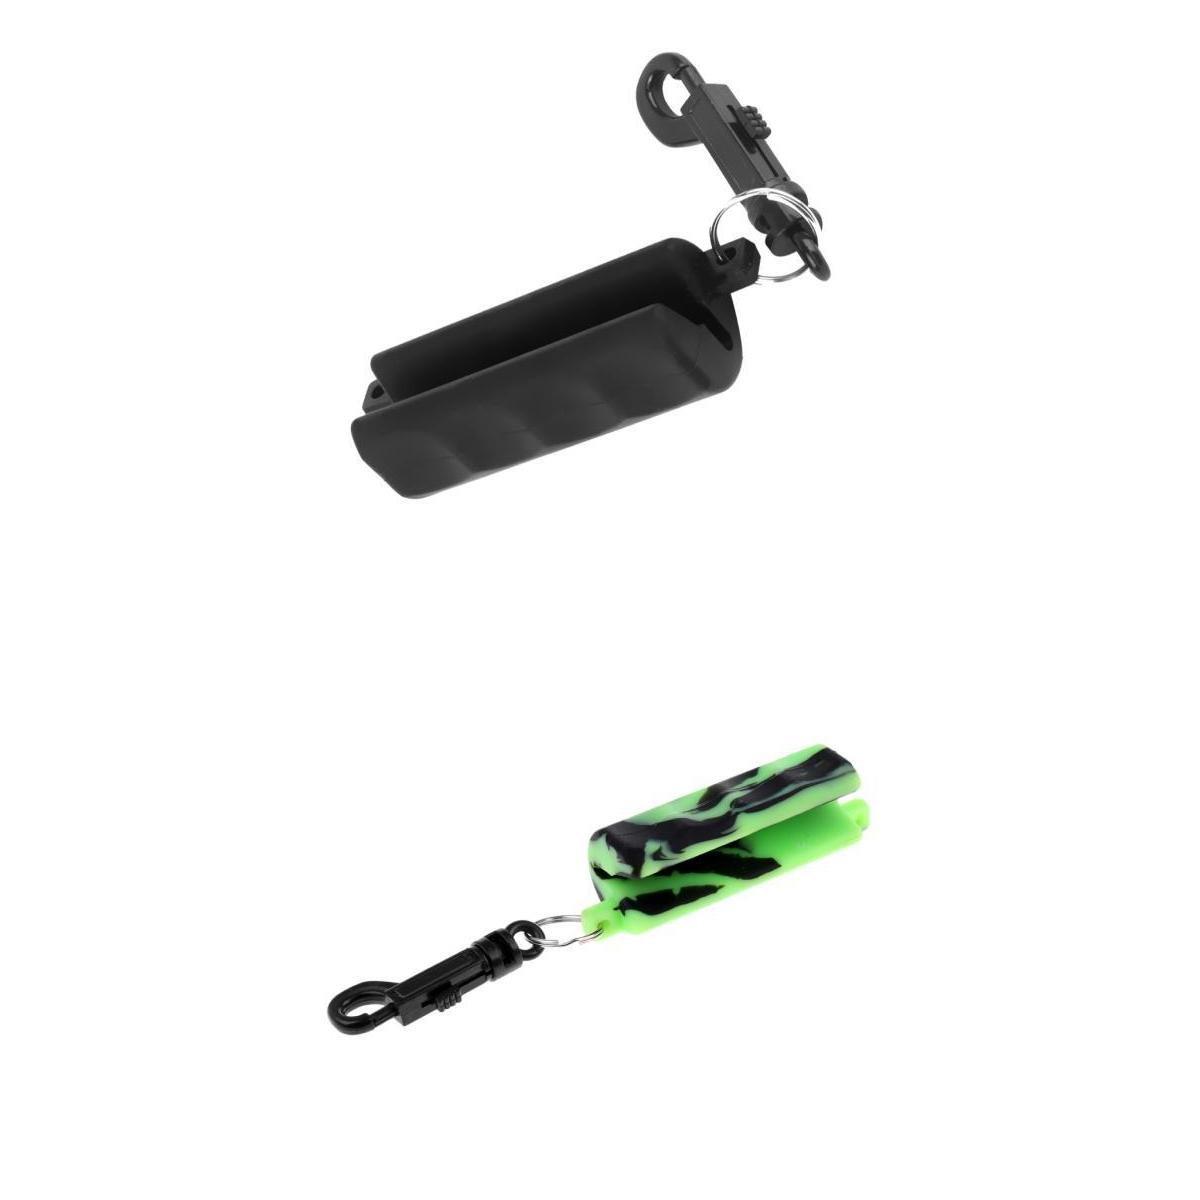 NON MagiDeal 2 Unidades de Tirador de Flecha de de Silicona Accesorio de Entrenamiento de Tiro con Archero non-brand